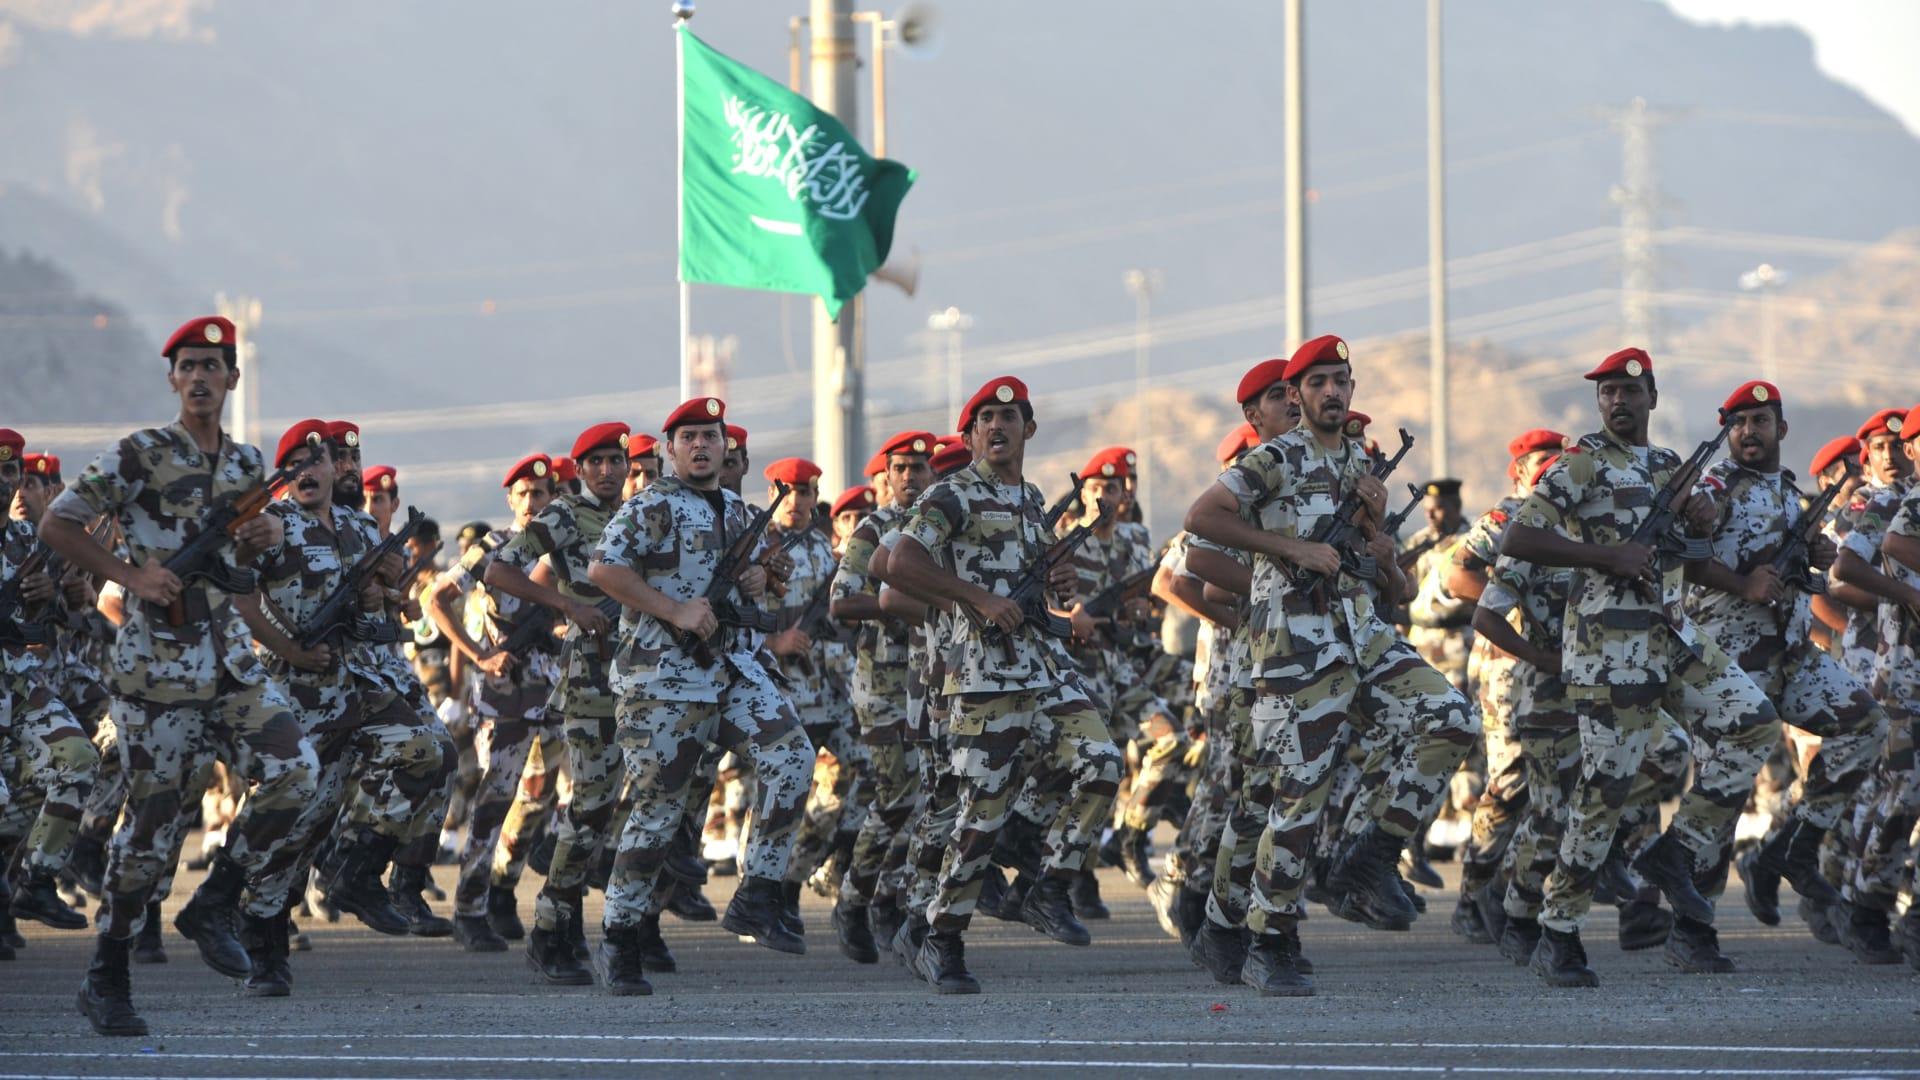 """السعودية.. إعدام 3 من منسوبي وزارة الدفاع بتهمة """"الخيانة العظمى"""" بعد تعاونهم مع العدو"""